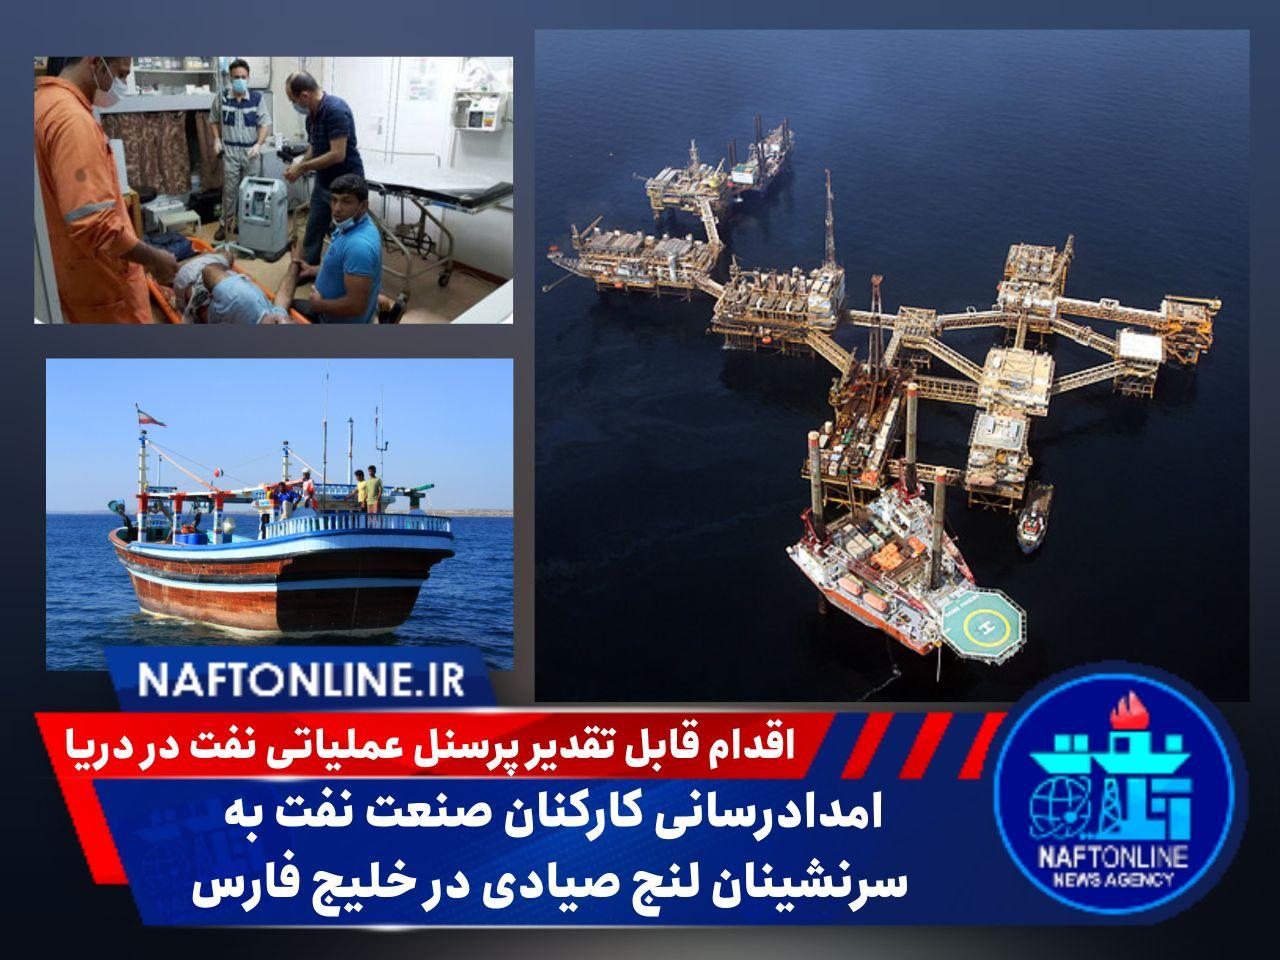 عملیات نجات لنج صیادی در دریا | نفت آنلاین